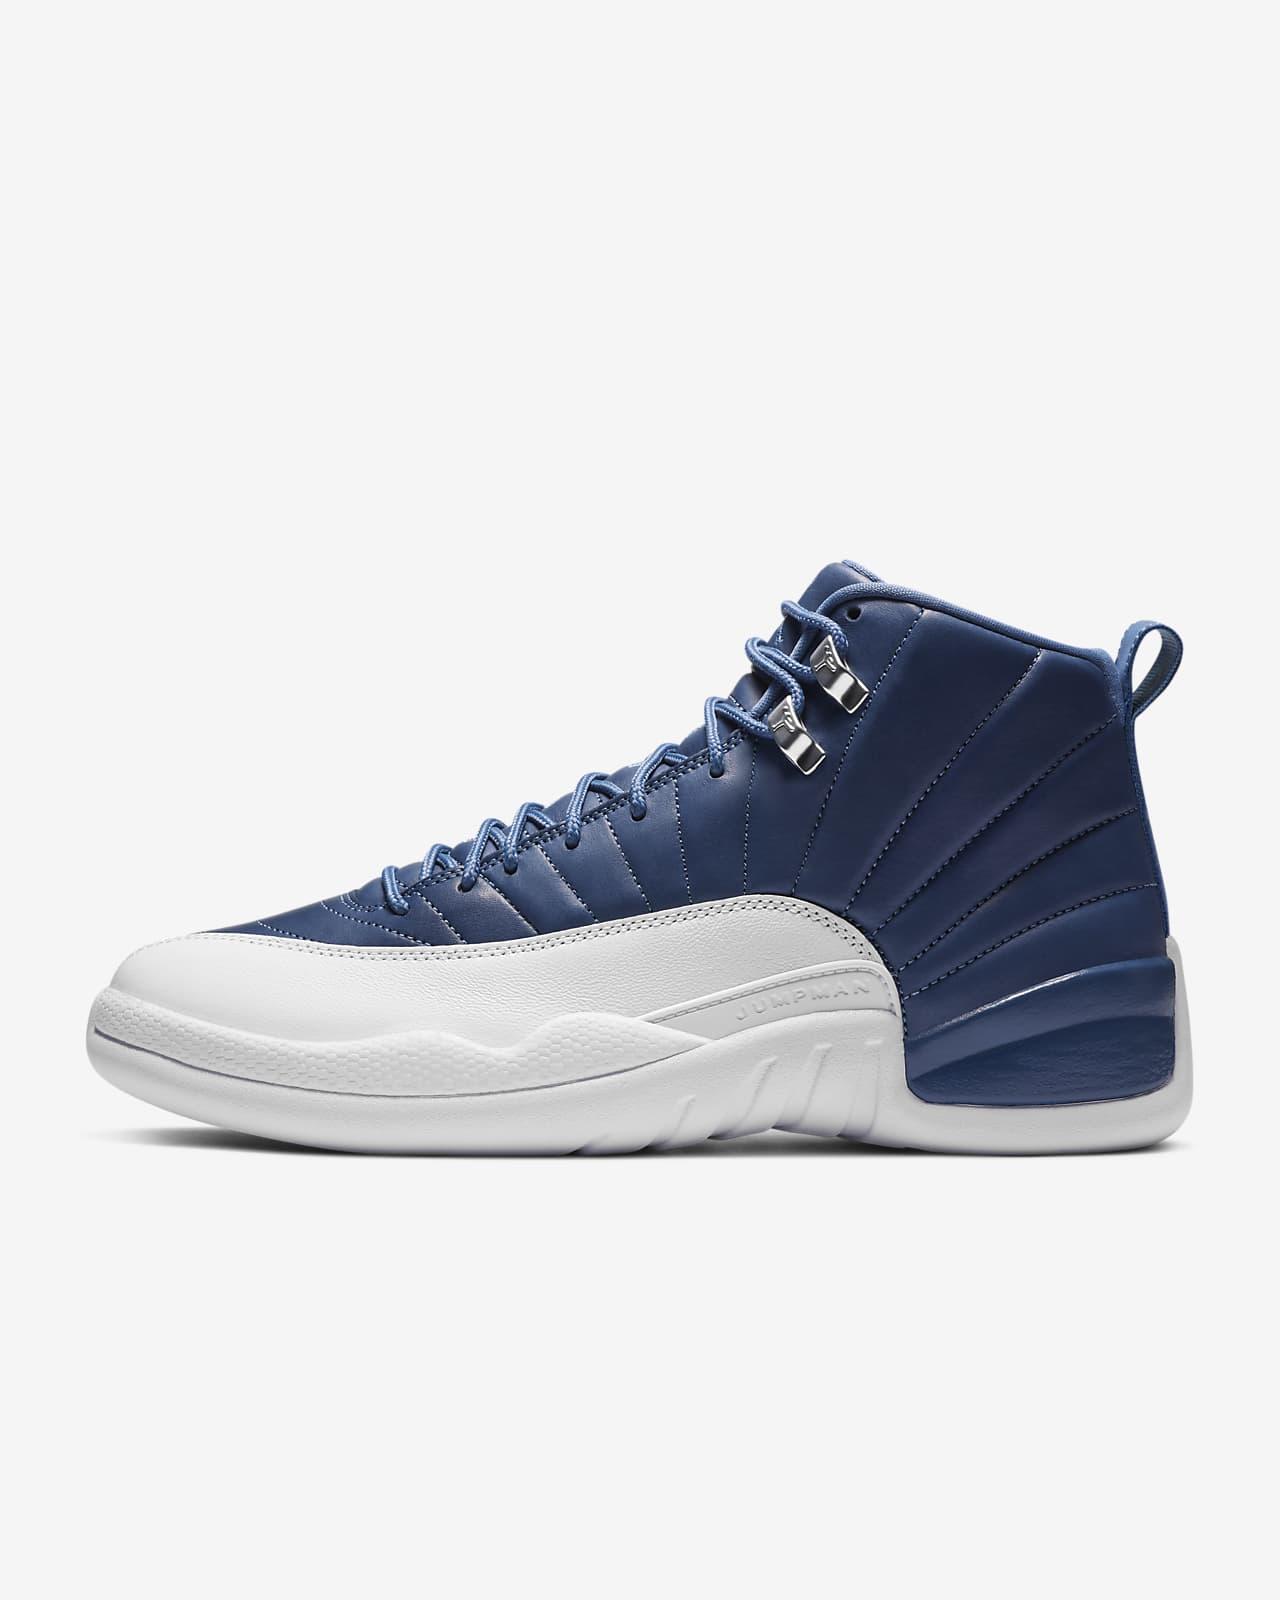 Enfatizar Para construir Generalmente  Air Jordan 12 Retro Zapatillas. Nike ES